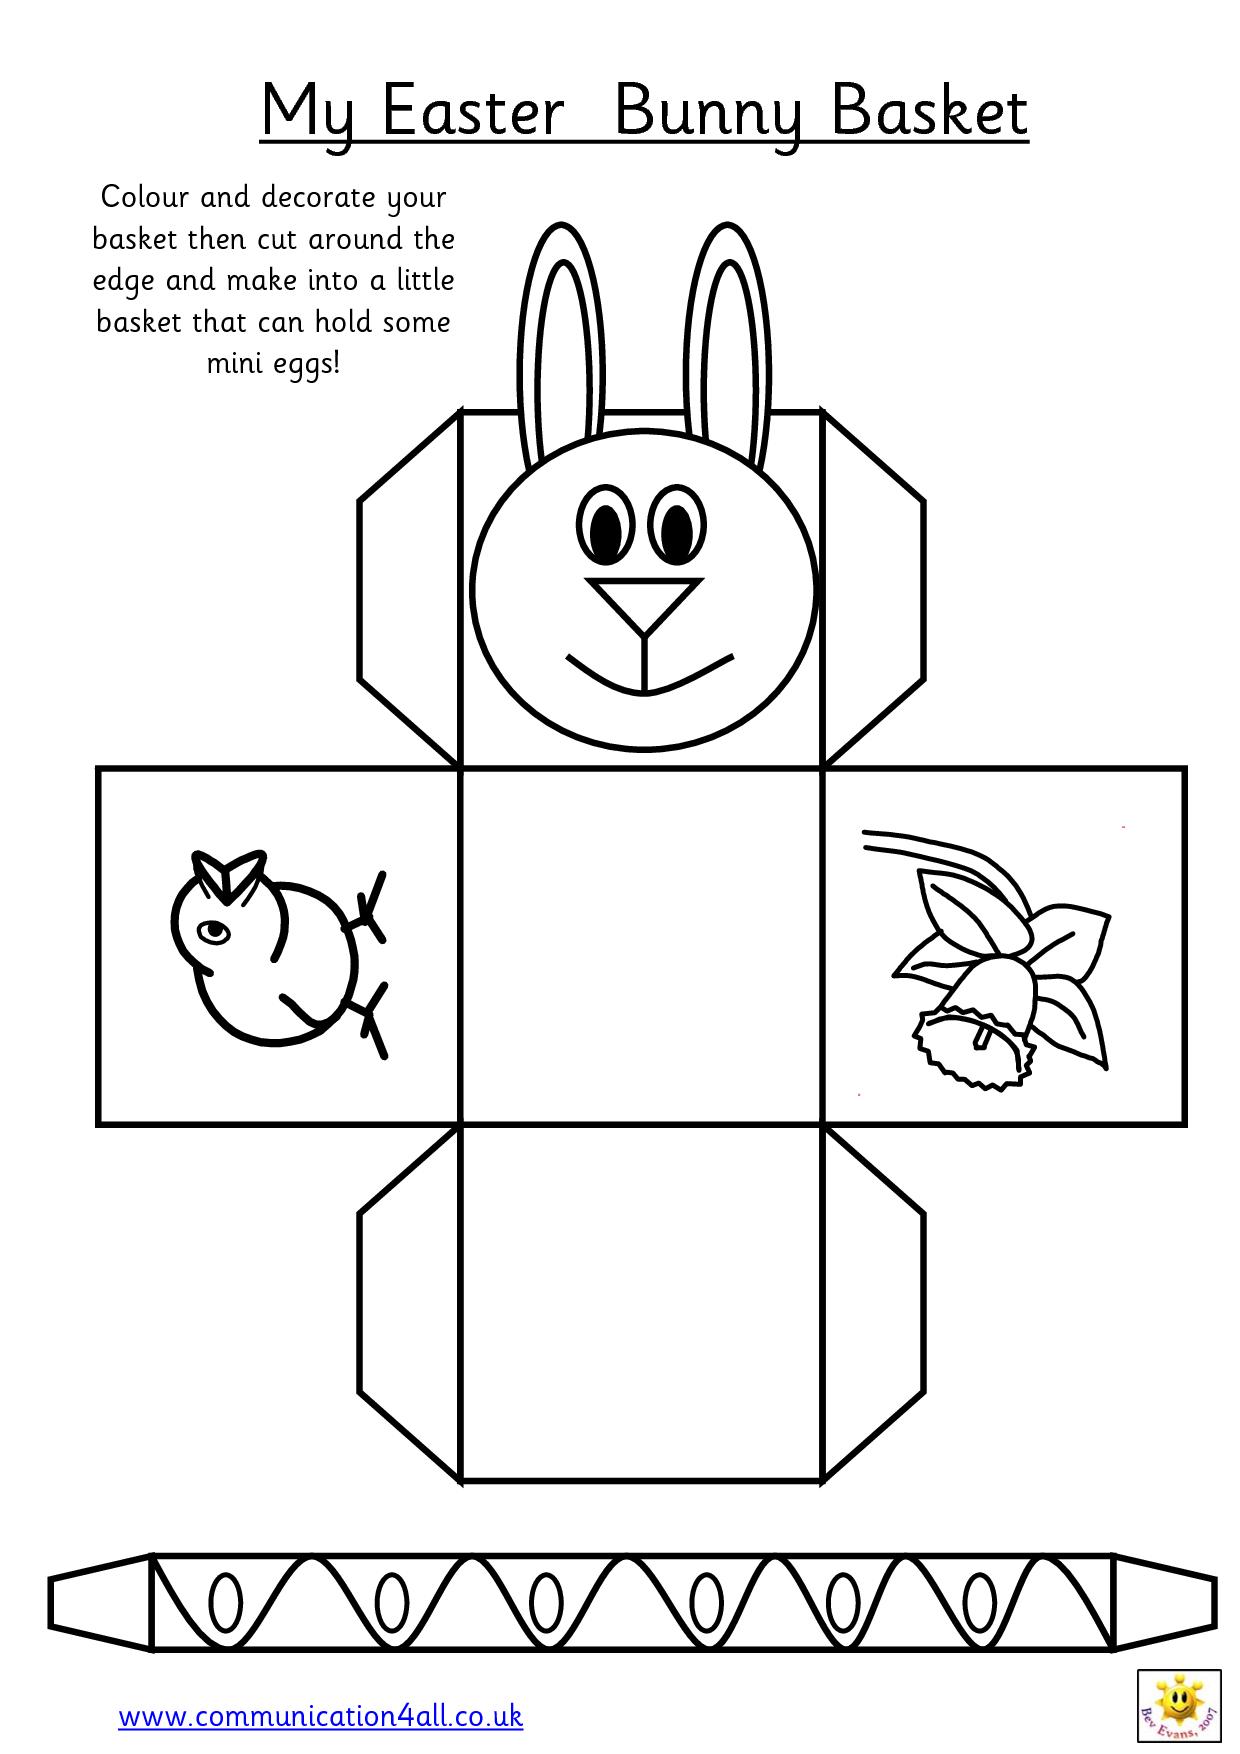 Printable Easter Egg Basket Templates – Hd Easter Images - Free Printable Easter Egg Basket Templates